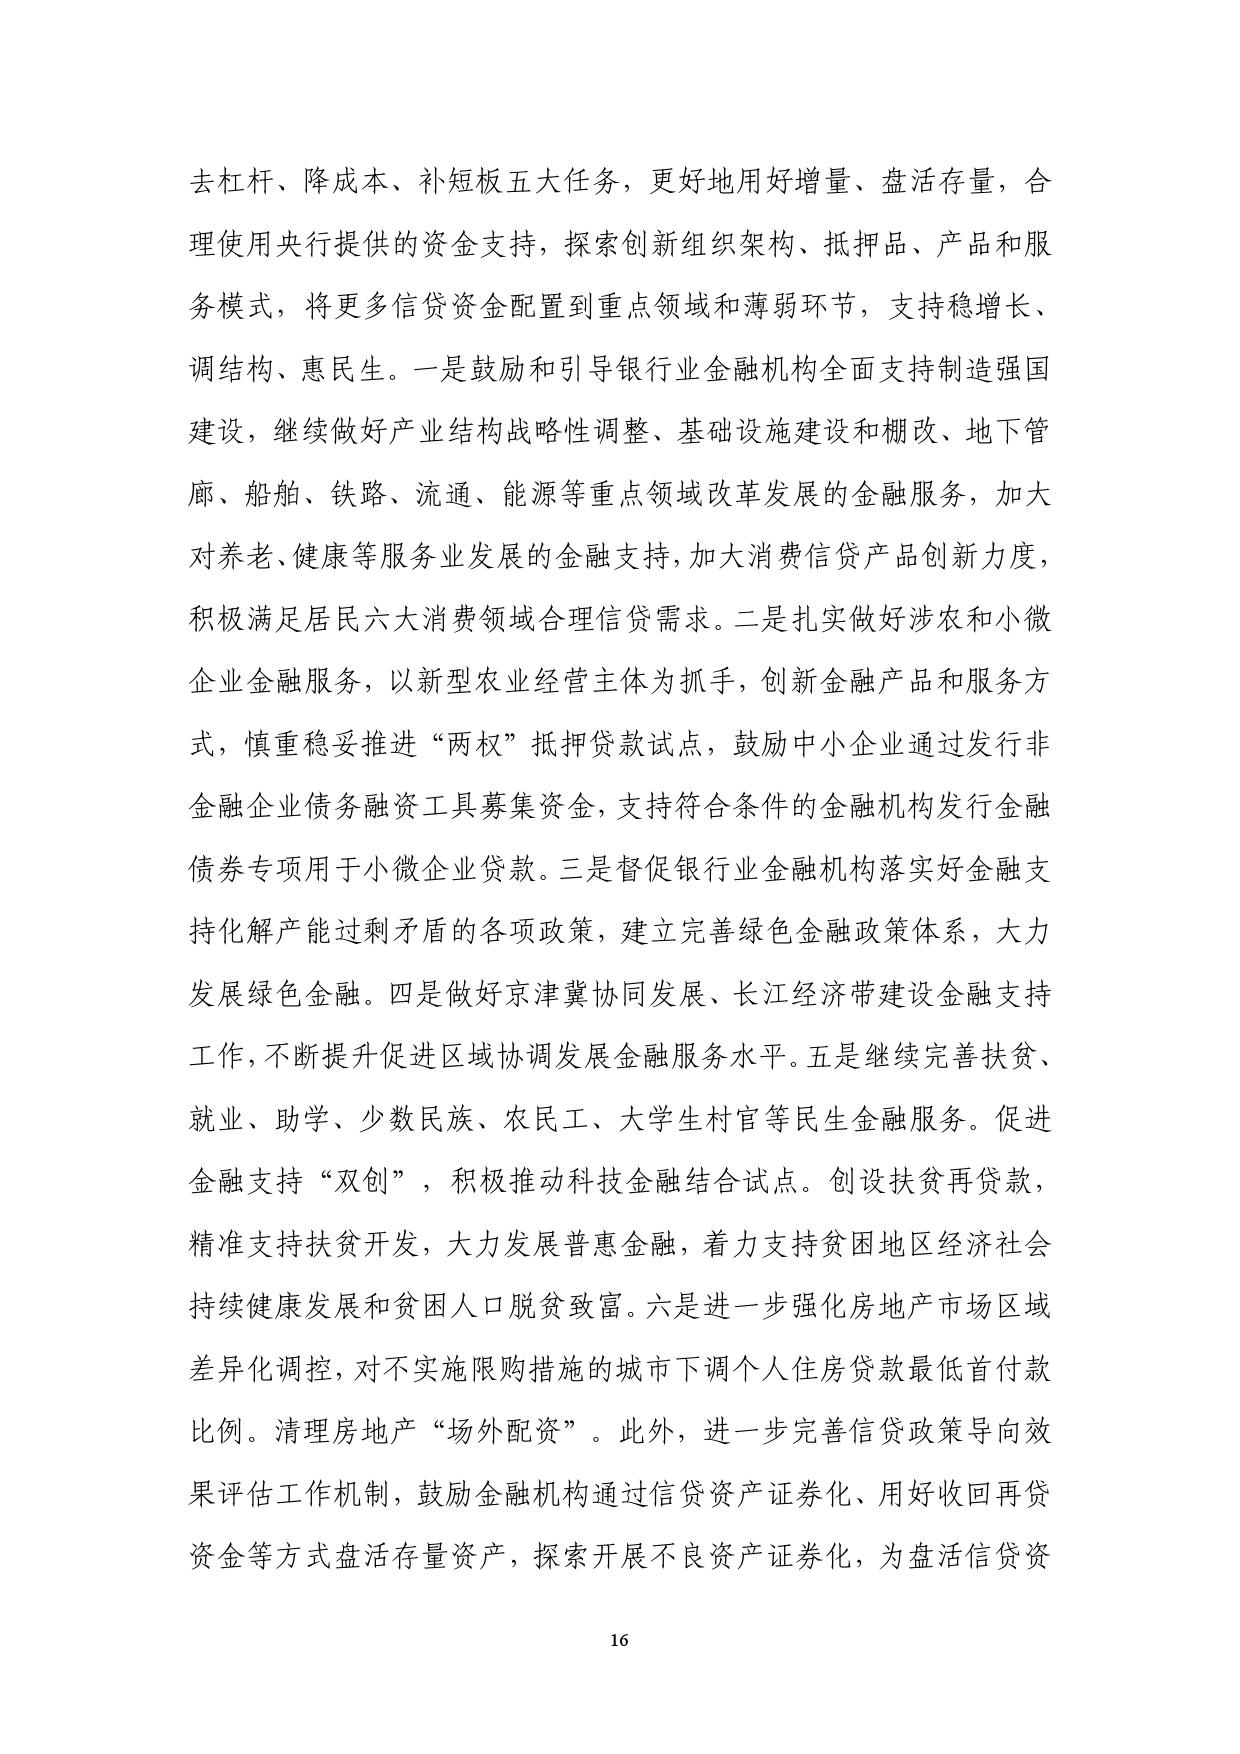 2016年Q2中国货币政策执行报告_000022